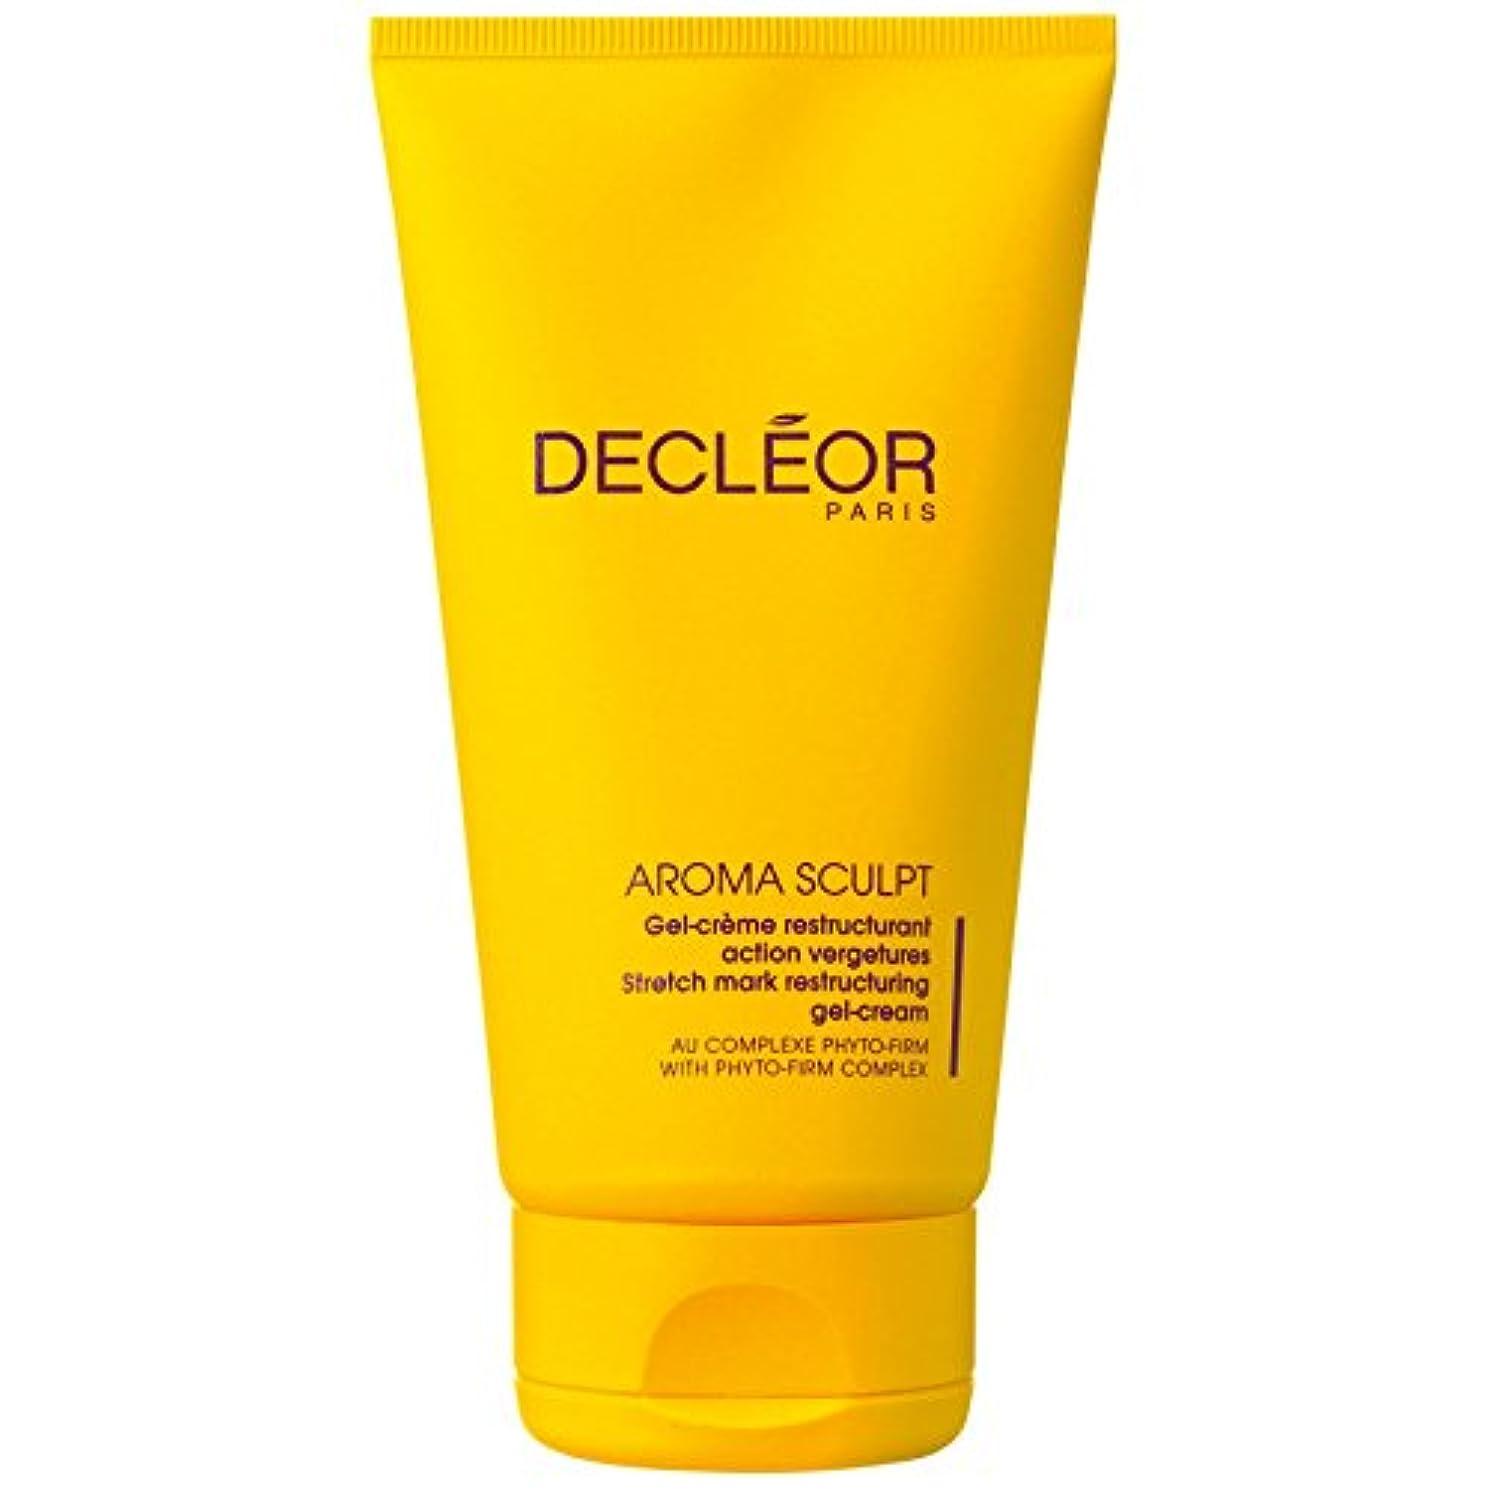 豊富な習字論理的に[Decl?or] デクレオールアロマスカルプトストレッチマークリストラゲルクリーム150ミリリットル - Decl?or Aroma Sculpt Stretch Mark Restructuring Gel Cream...